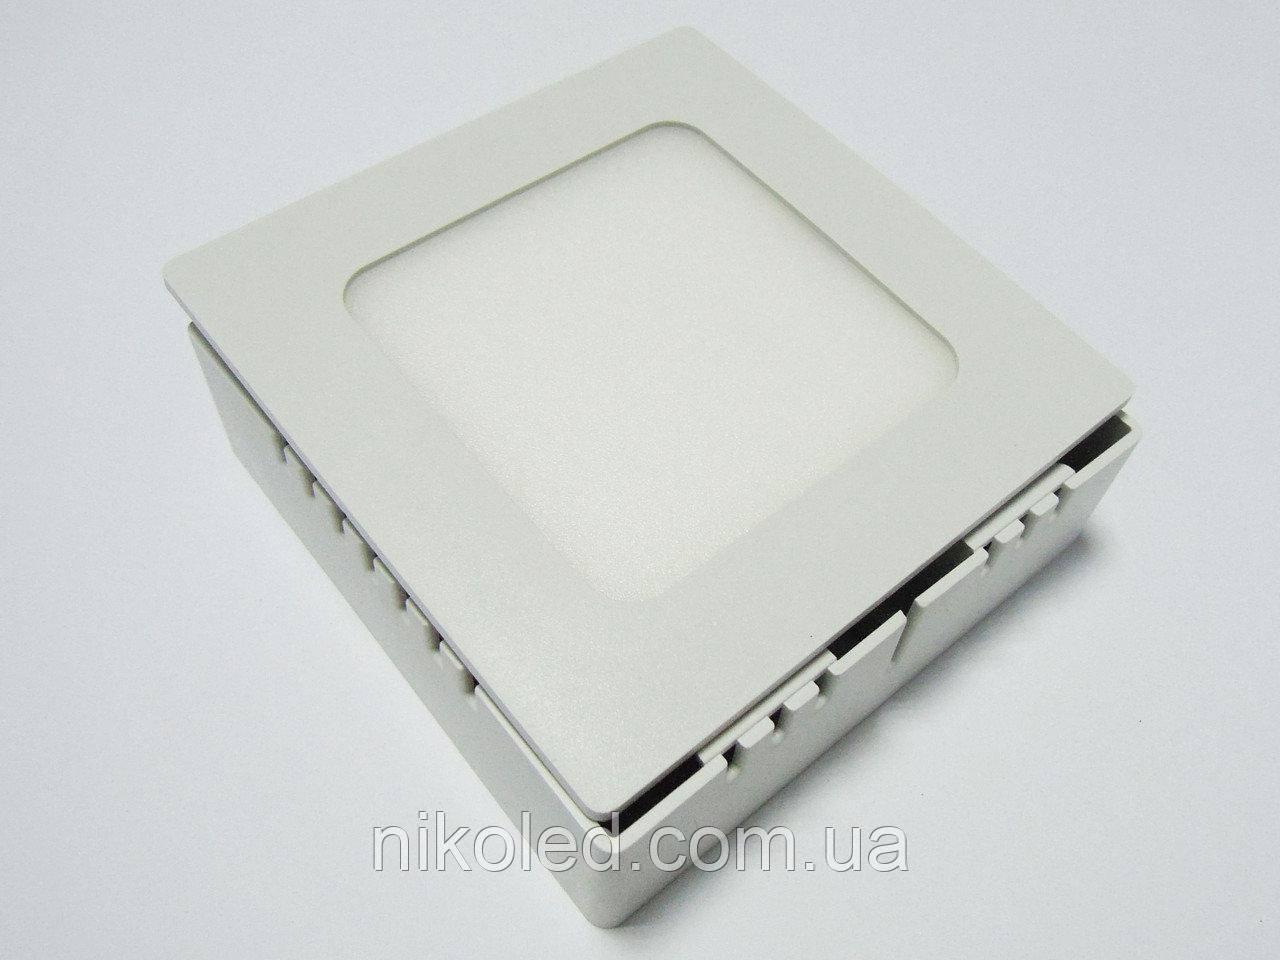 Светильник накладной LED 6W квадрат металл Теплый белый